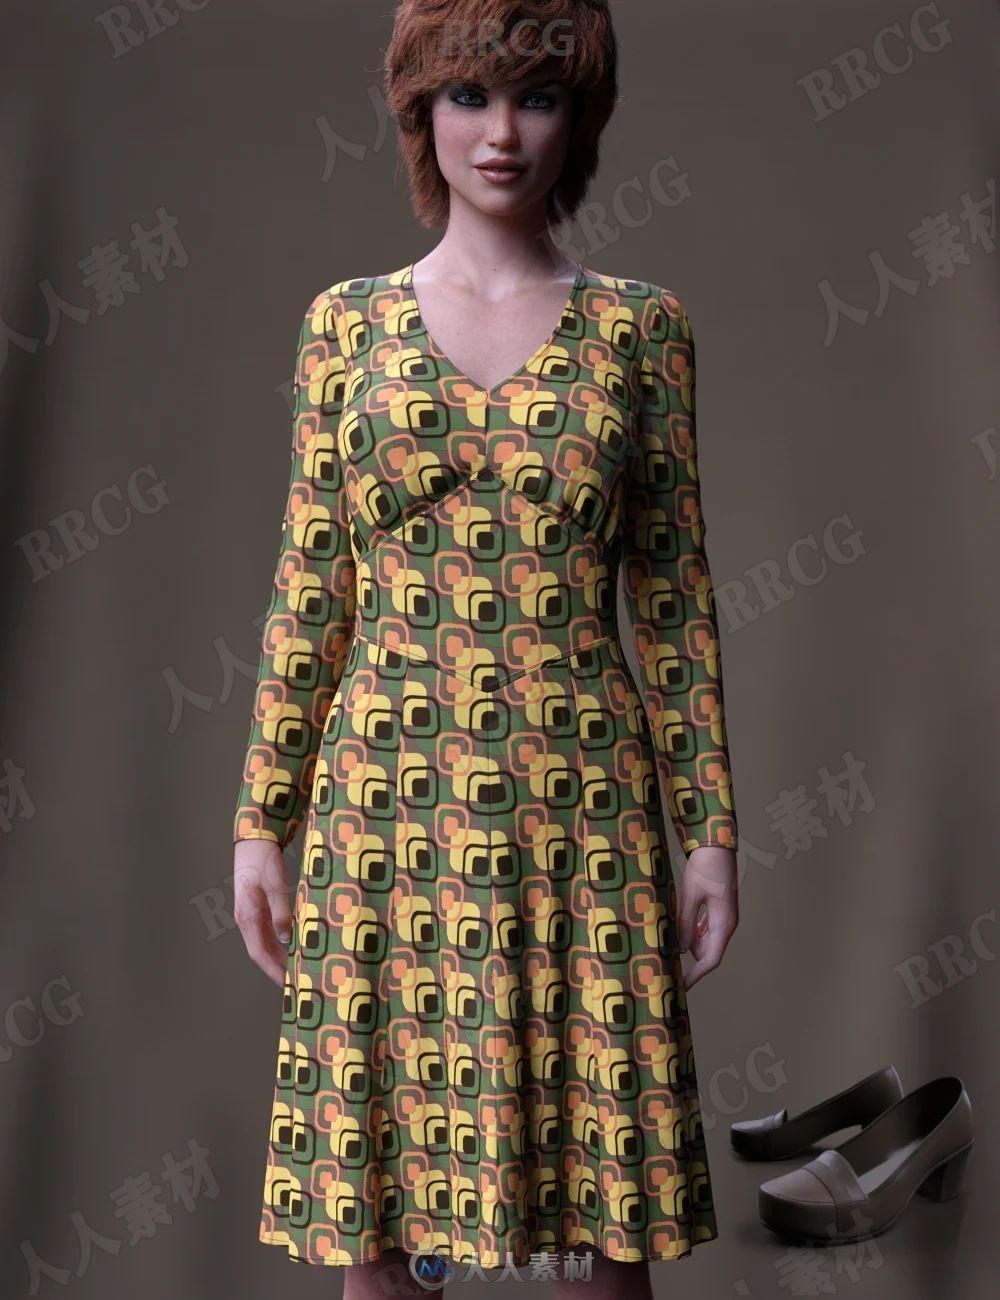 春秋中年女性碎花连衣裙套装3D模型合集